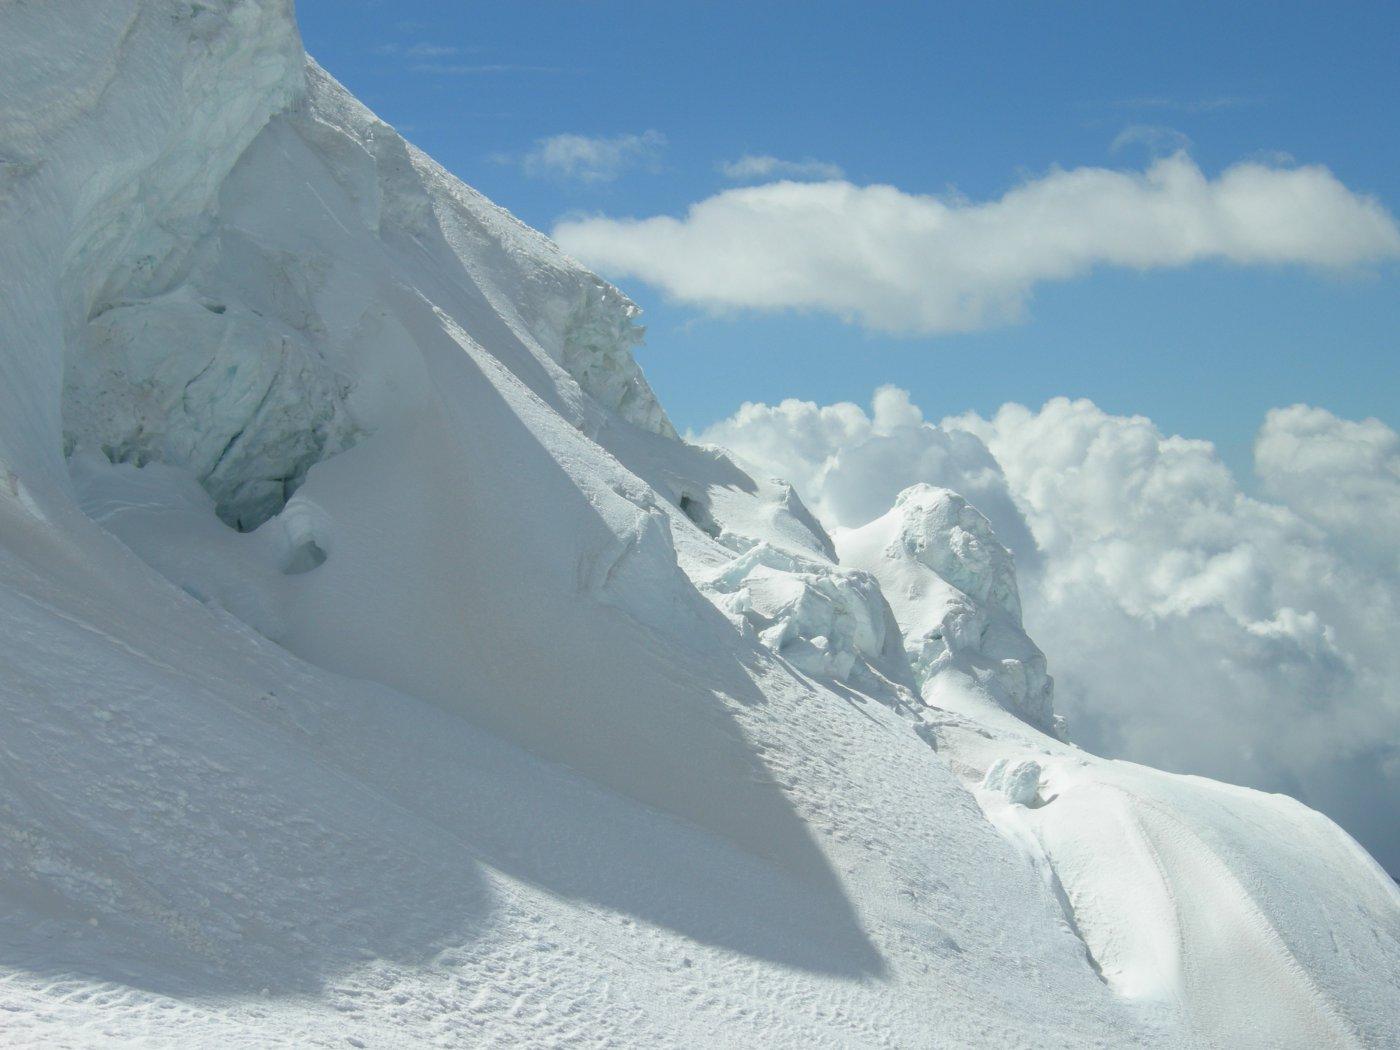 Caratteristiche sculture di ghiaccio